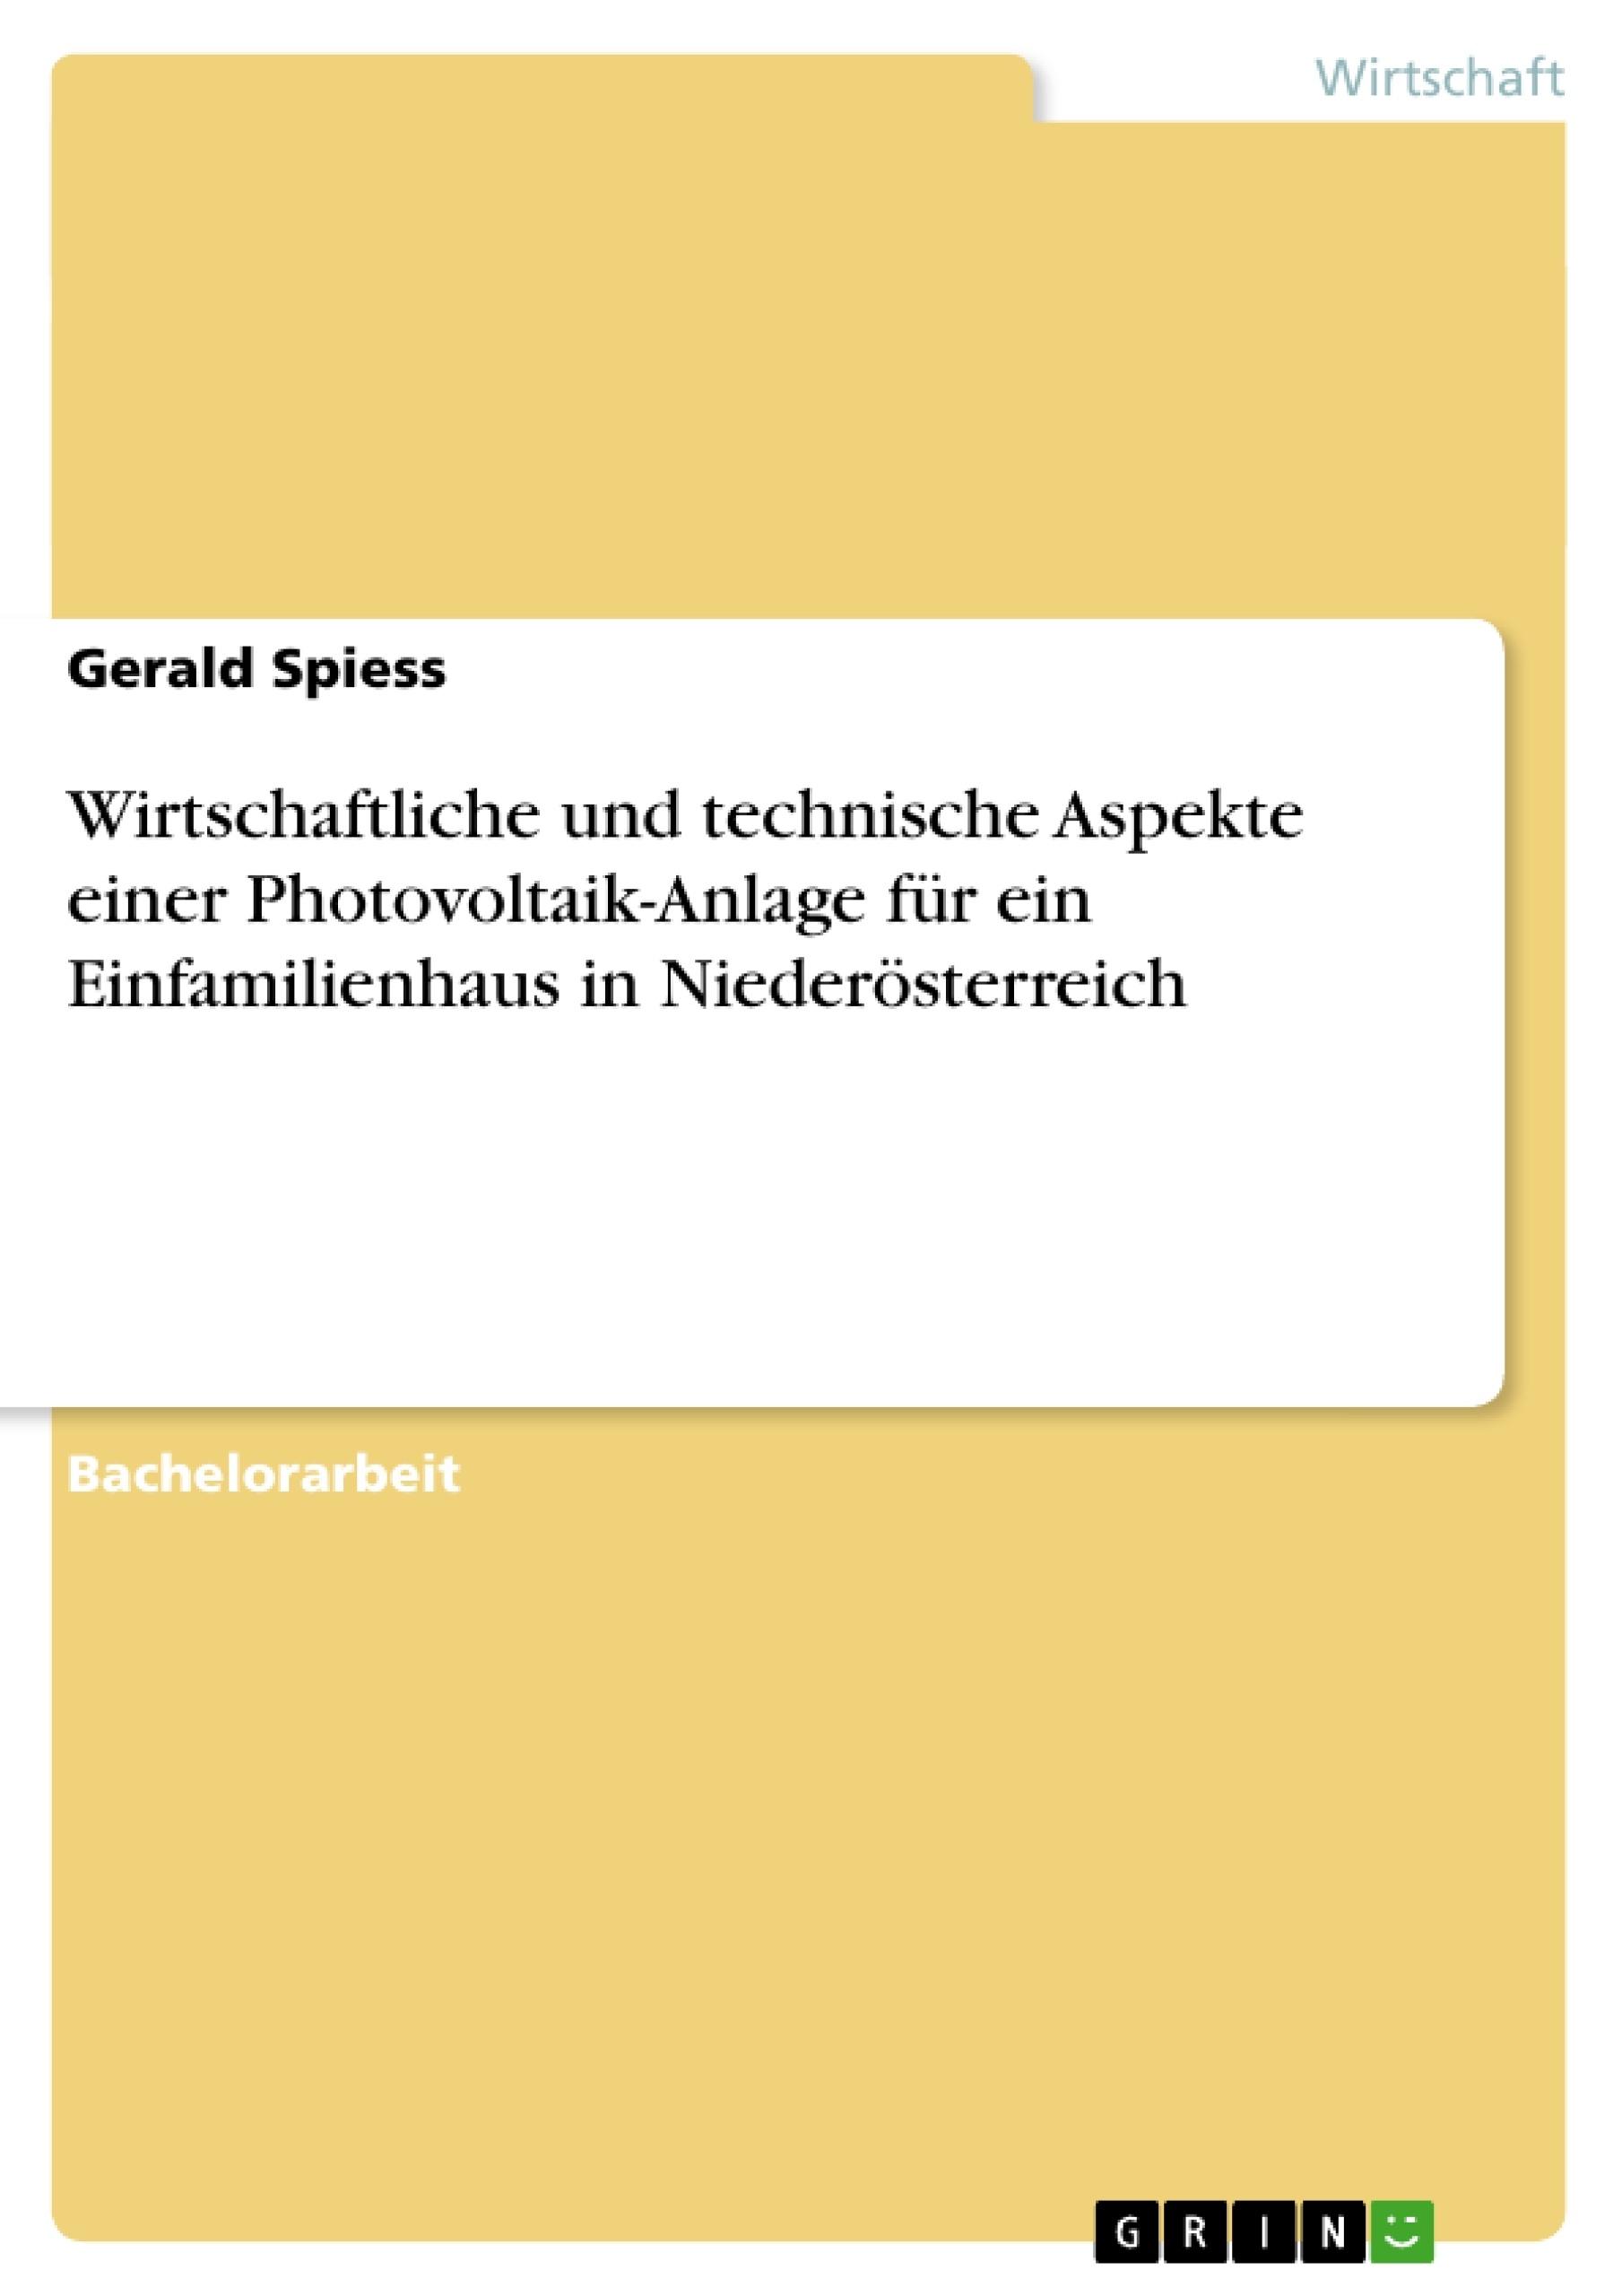 Titel: Wirtschaftliche und technische Aspekte einer Photovoltaik-Anlage für ein Einfamilienhaus in Niederösterreich